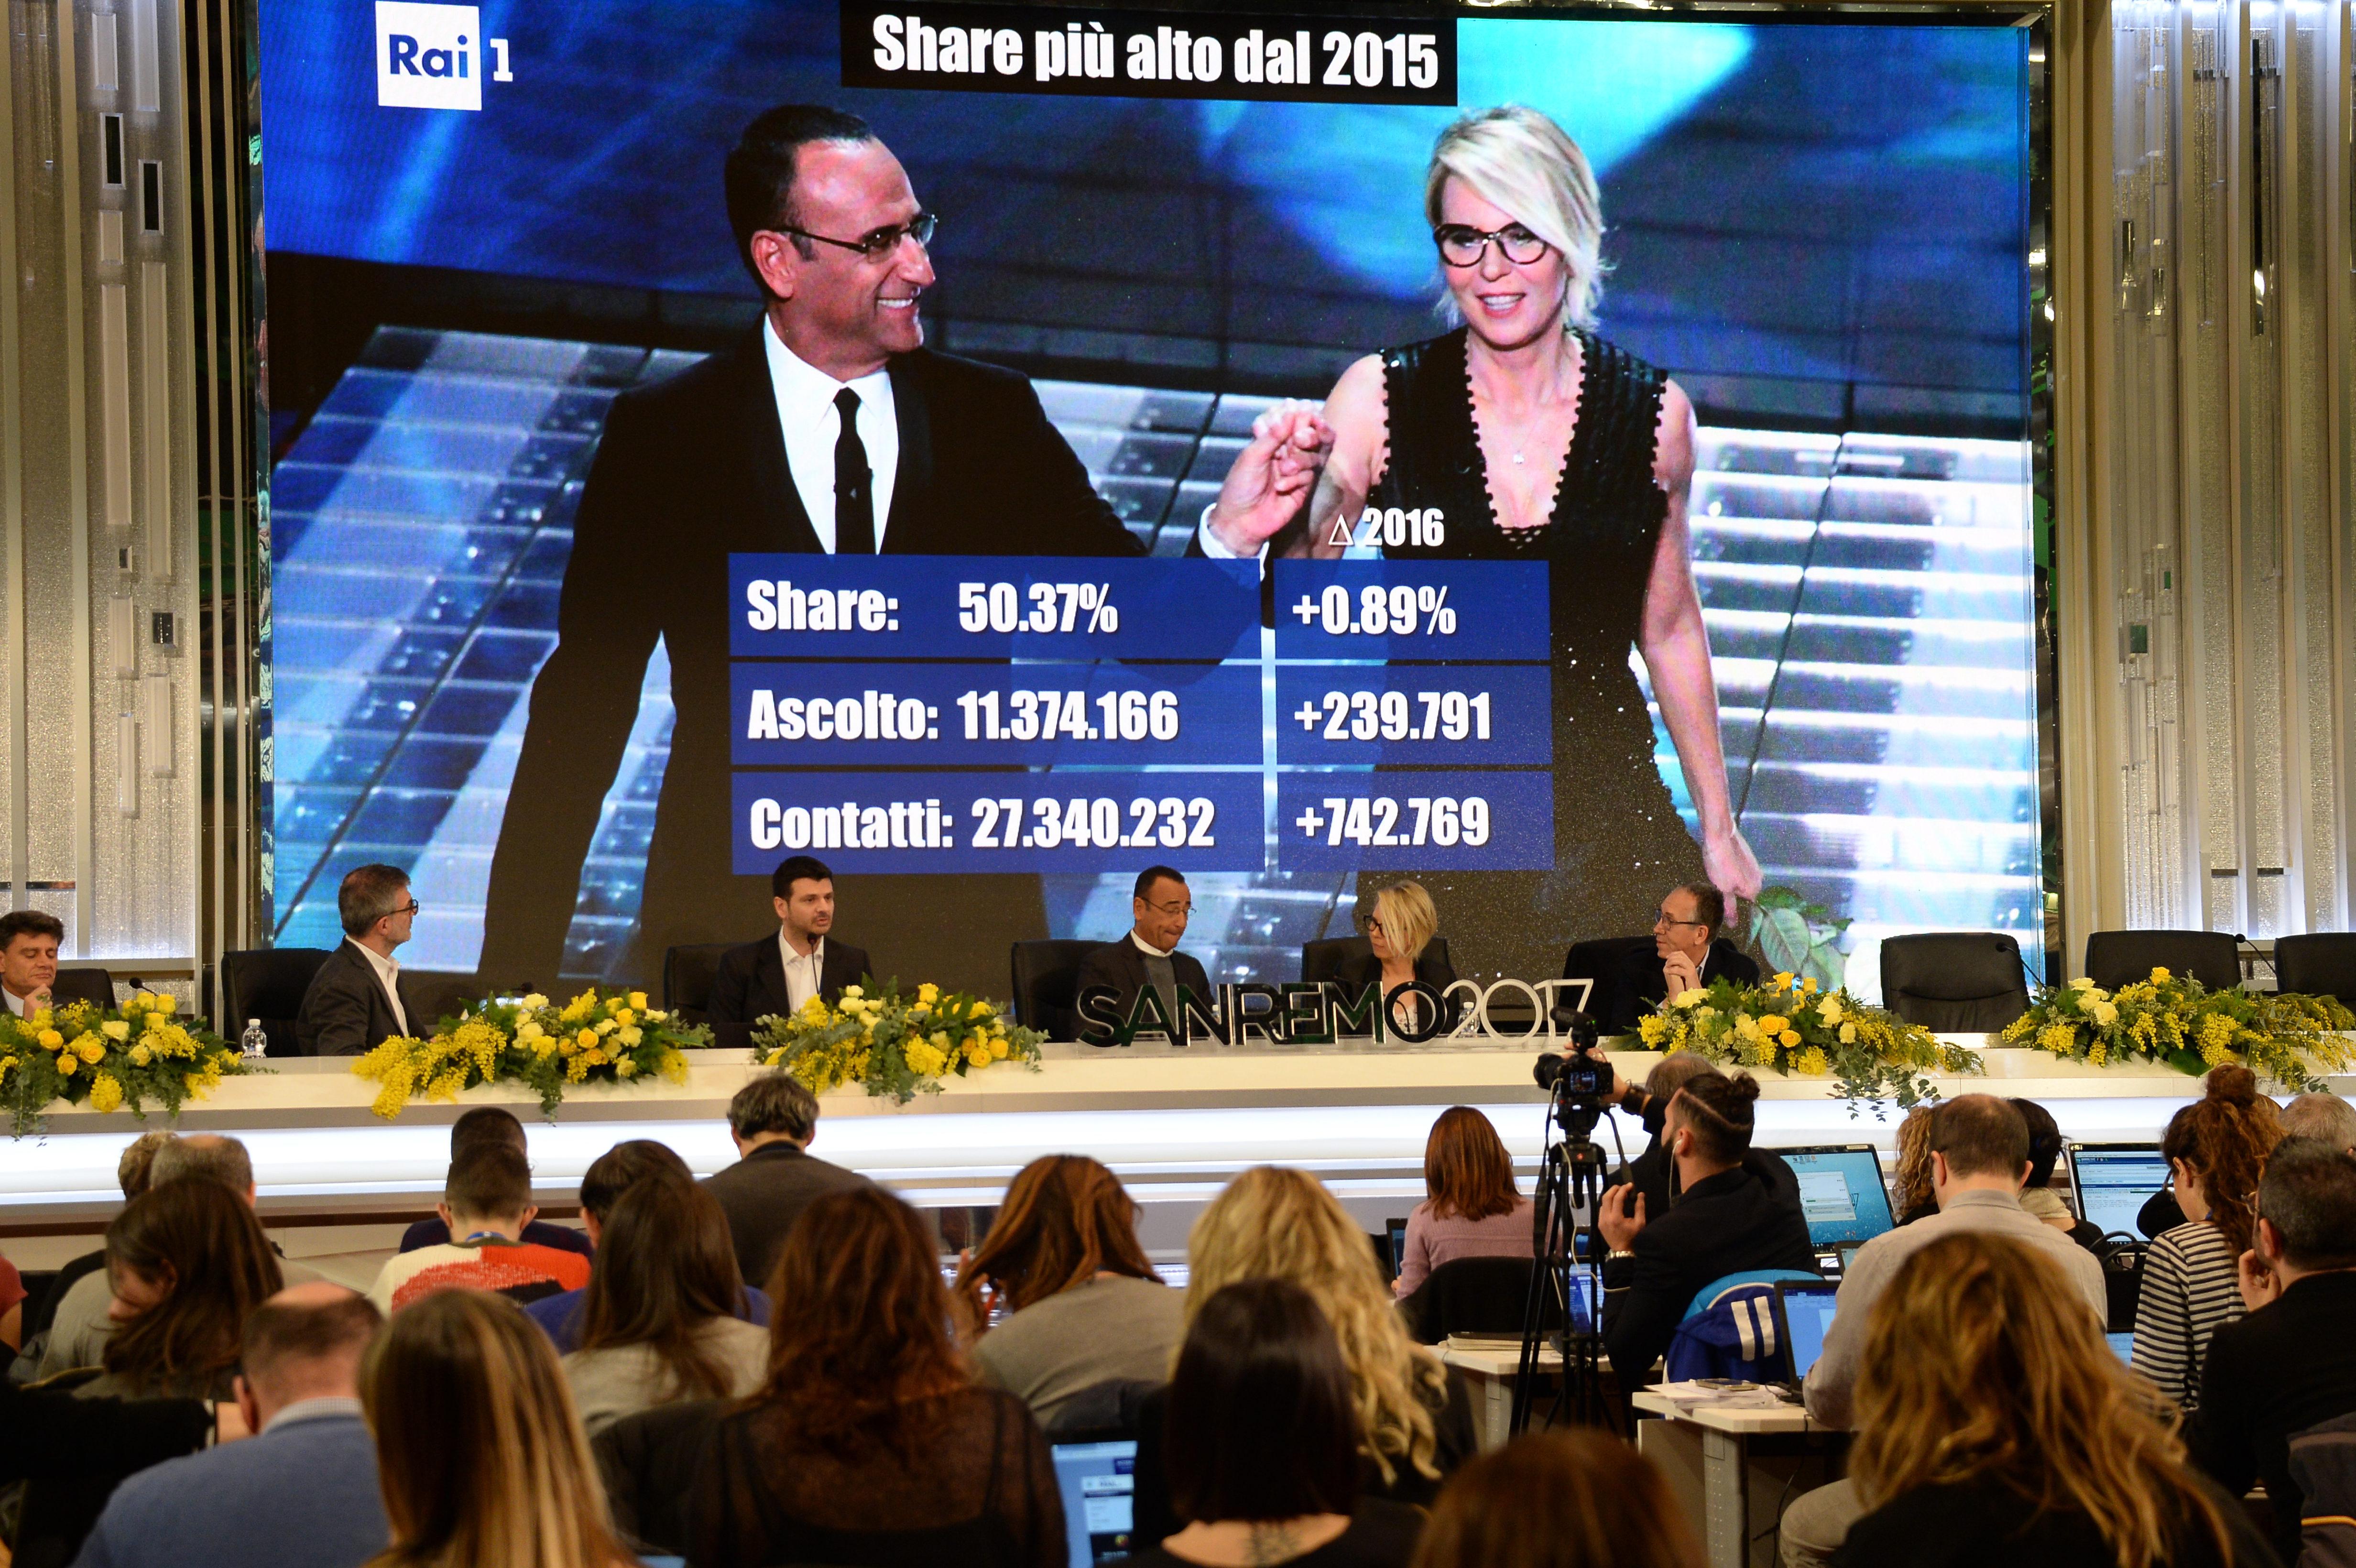 Festival di Sanremo 2017: gli ascolti della terza serata